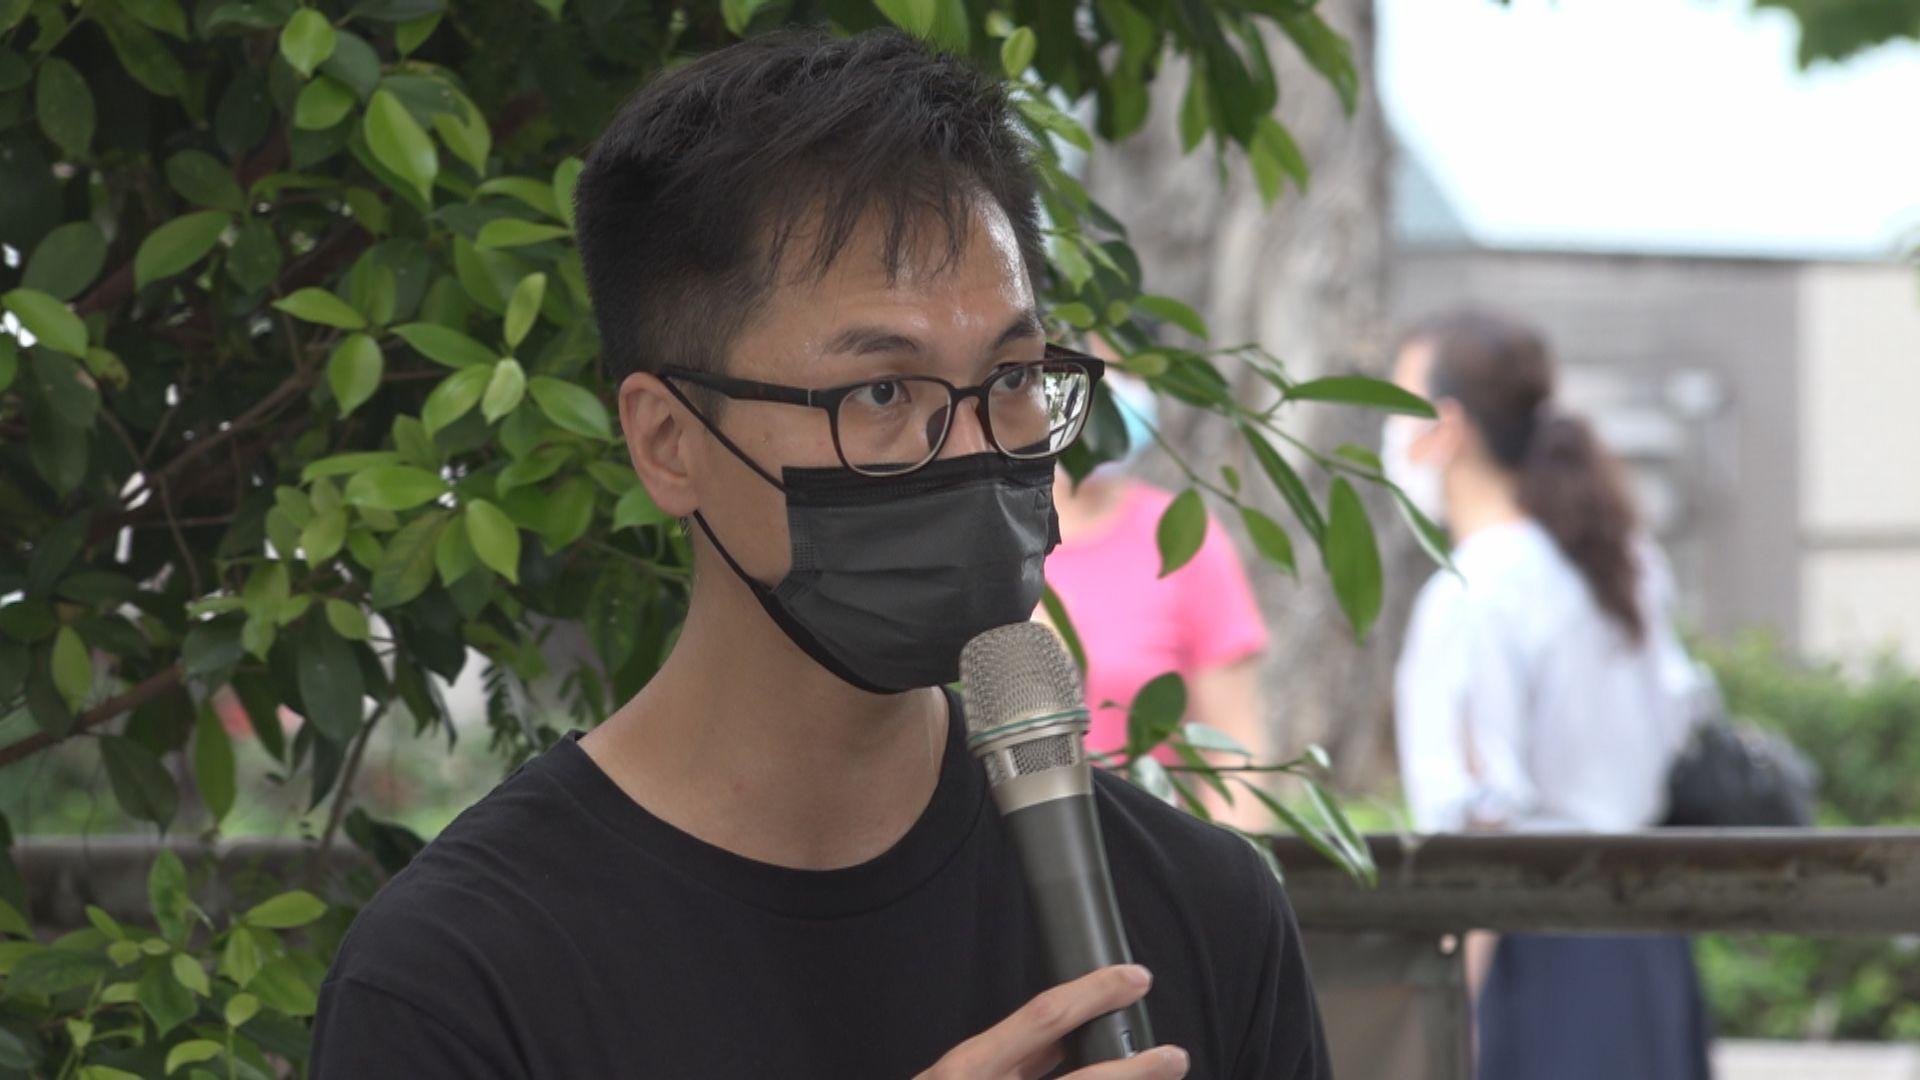 支聯會常委梁錦威指定期開會考慮不同方案應對政治環境